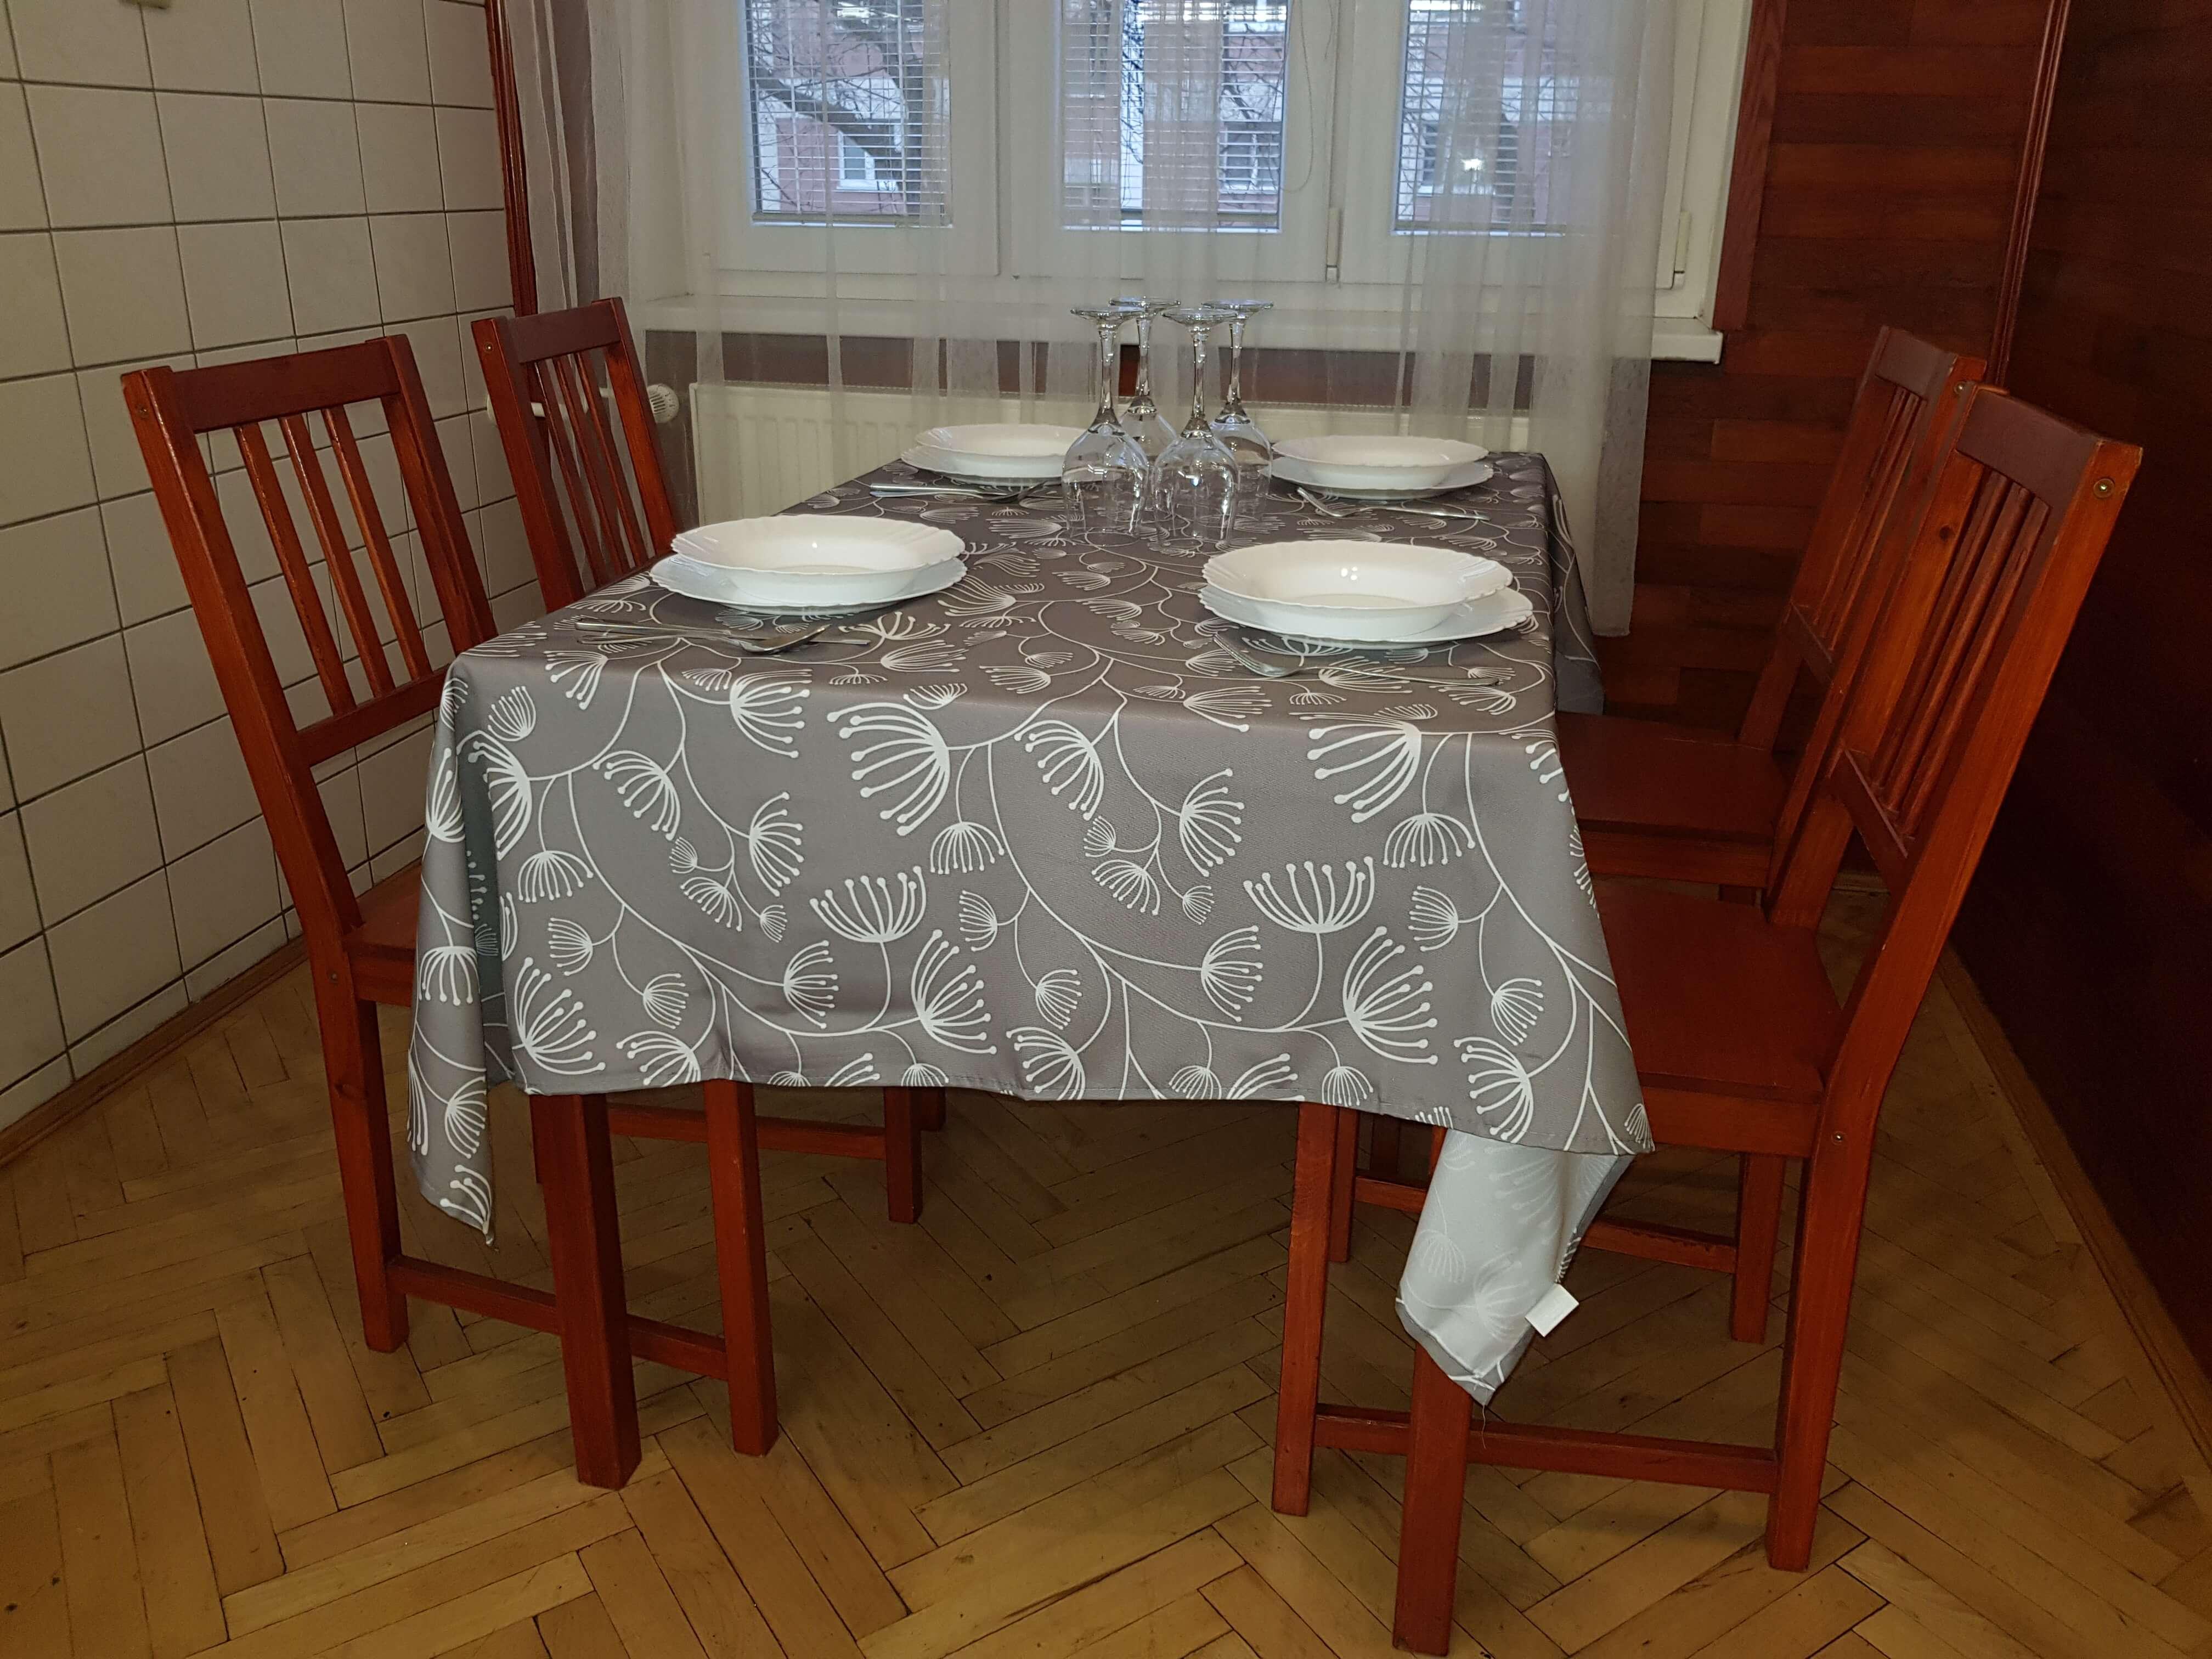 Prenájom jednej izby v 2 izb. byte, staré mesto, Šancová ulica, Bratislava, 80m2, zariadený-29